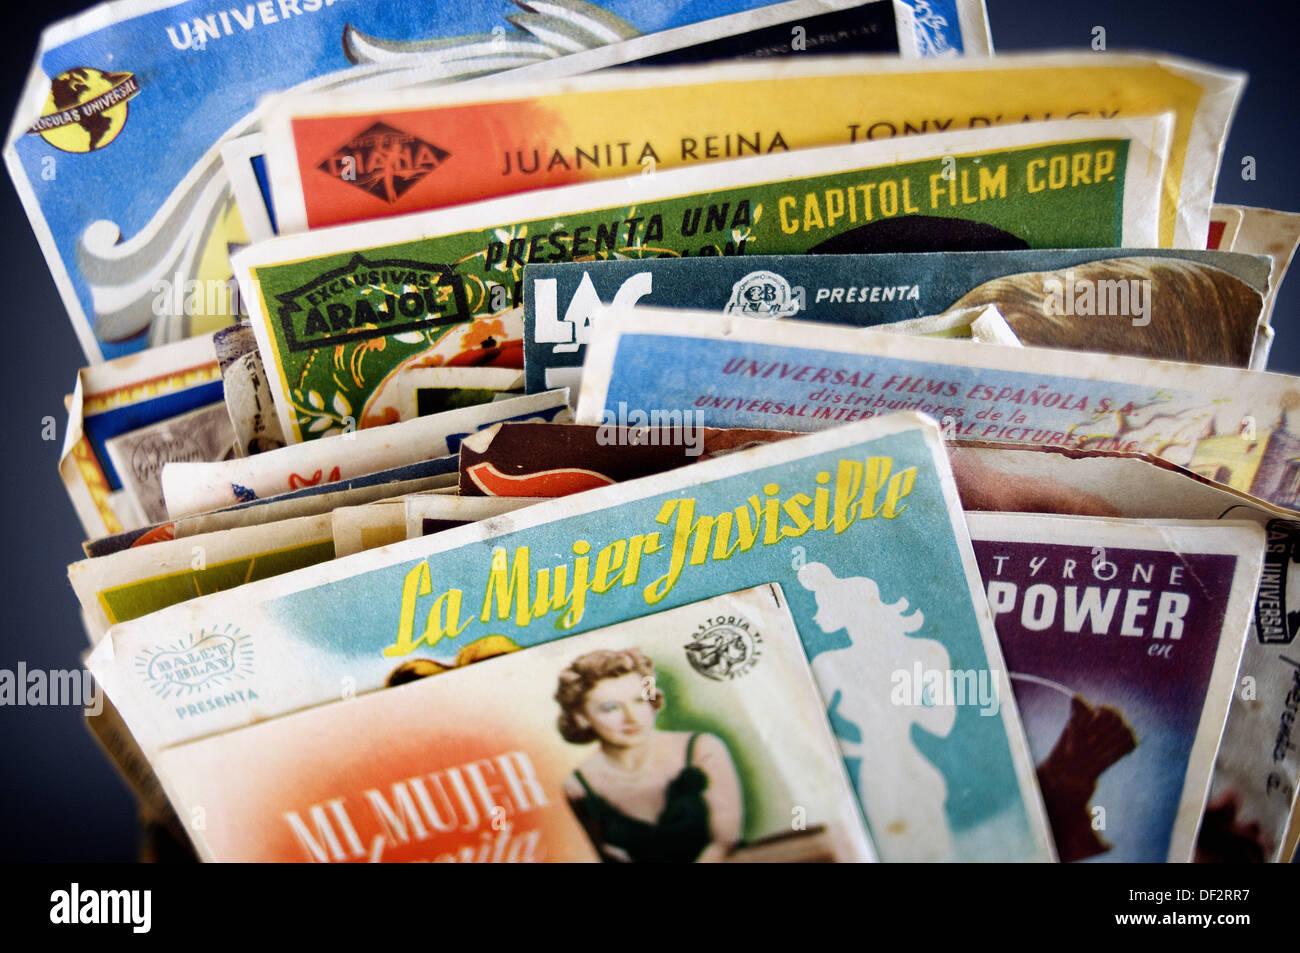 Old film programs - Stock Image